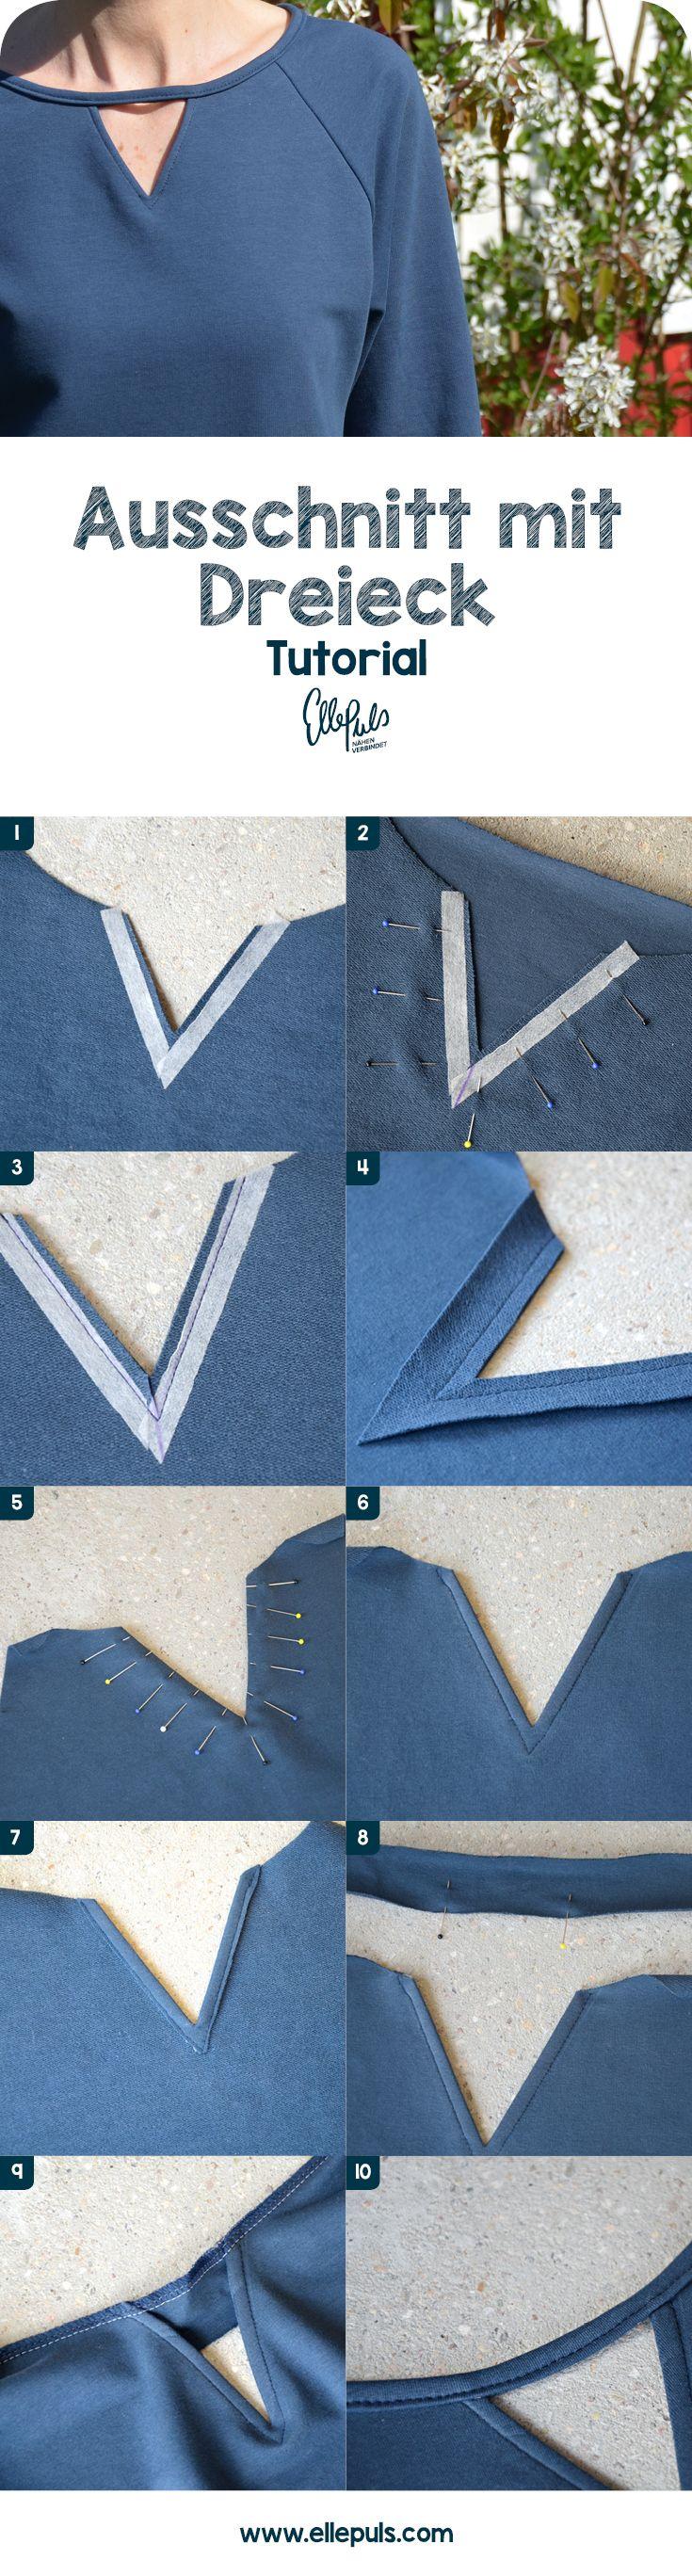 """""""Mach mehr aus deinen Schnittmustern"""". Das ist zurzeit mein Credo. Heute zeige ich dir wie du einen Ausschnitt mit Dreieck nähen kannst. Diese kleine Ausschnittvariation kommt besonders gut bei einfarbigen Shirts und Kleidern zur Geltung. Dieses Detail rundet mein blaues Sweatkleid ab und gibt auch deinem nächsten Sweatshirt oder -kleid den letzten Kick. Wie ich das…"""